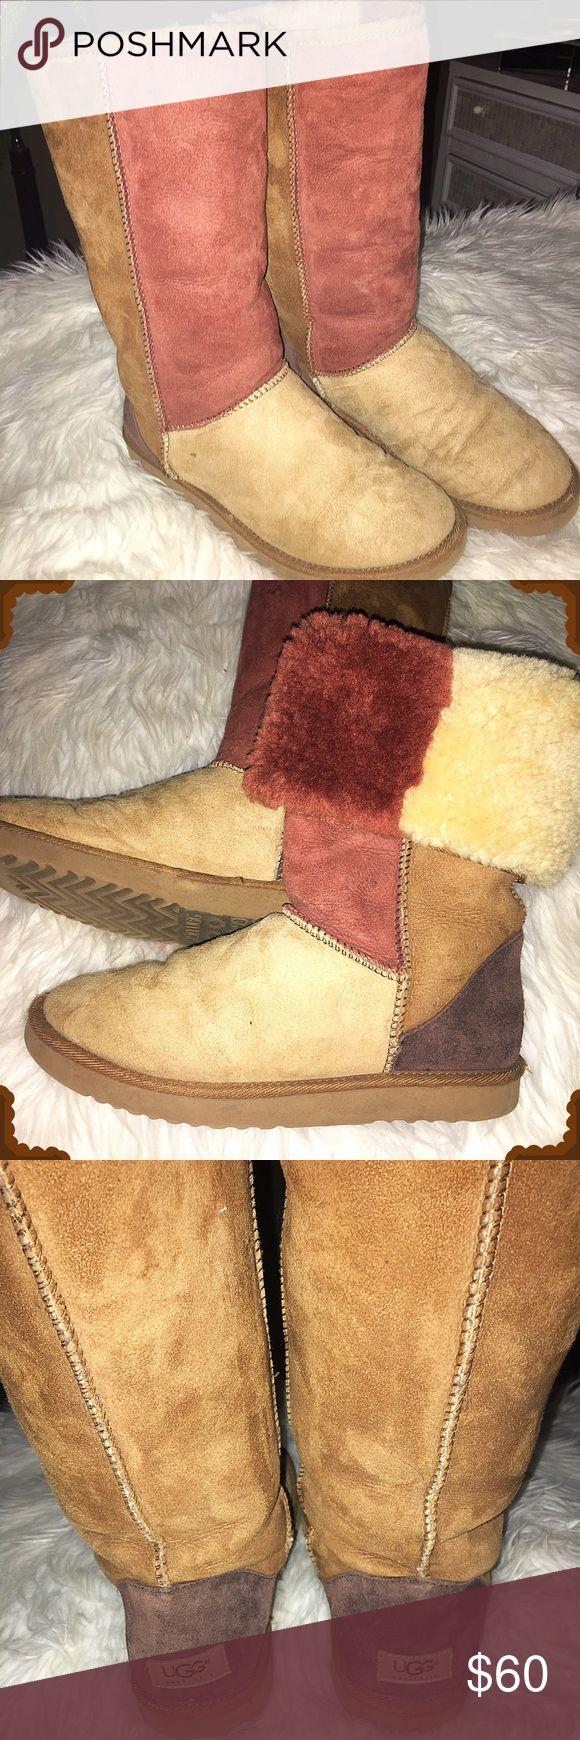 Multi Colored Classic Tall Ugg Boots Multi Colored Classic Tall Ugg Boots. Women's size 10! UGG Shoes Winter & Rain Boots